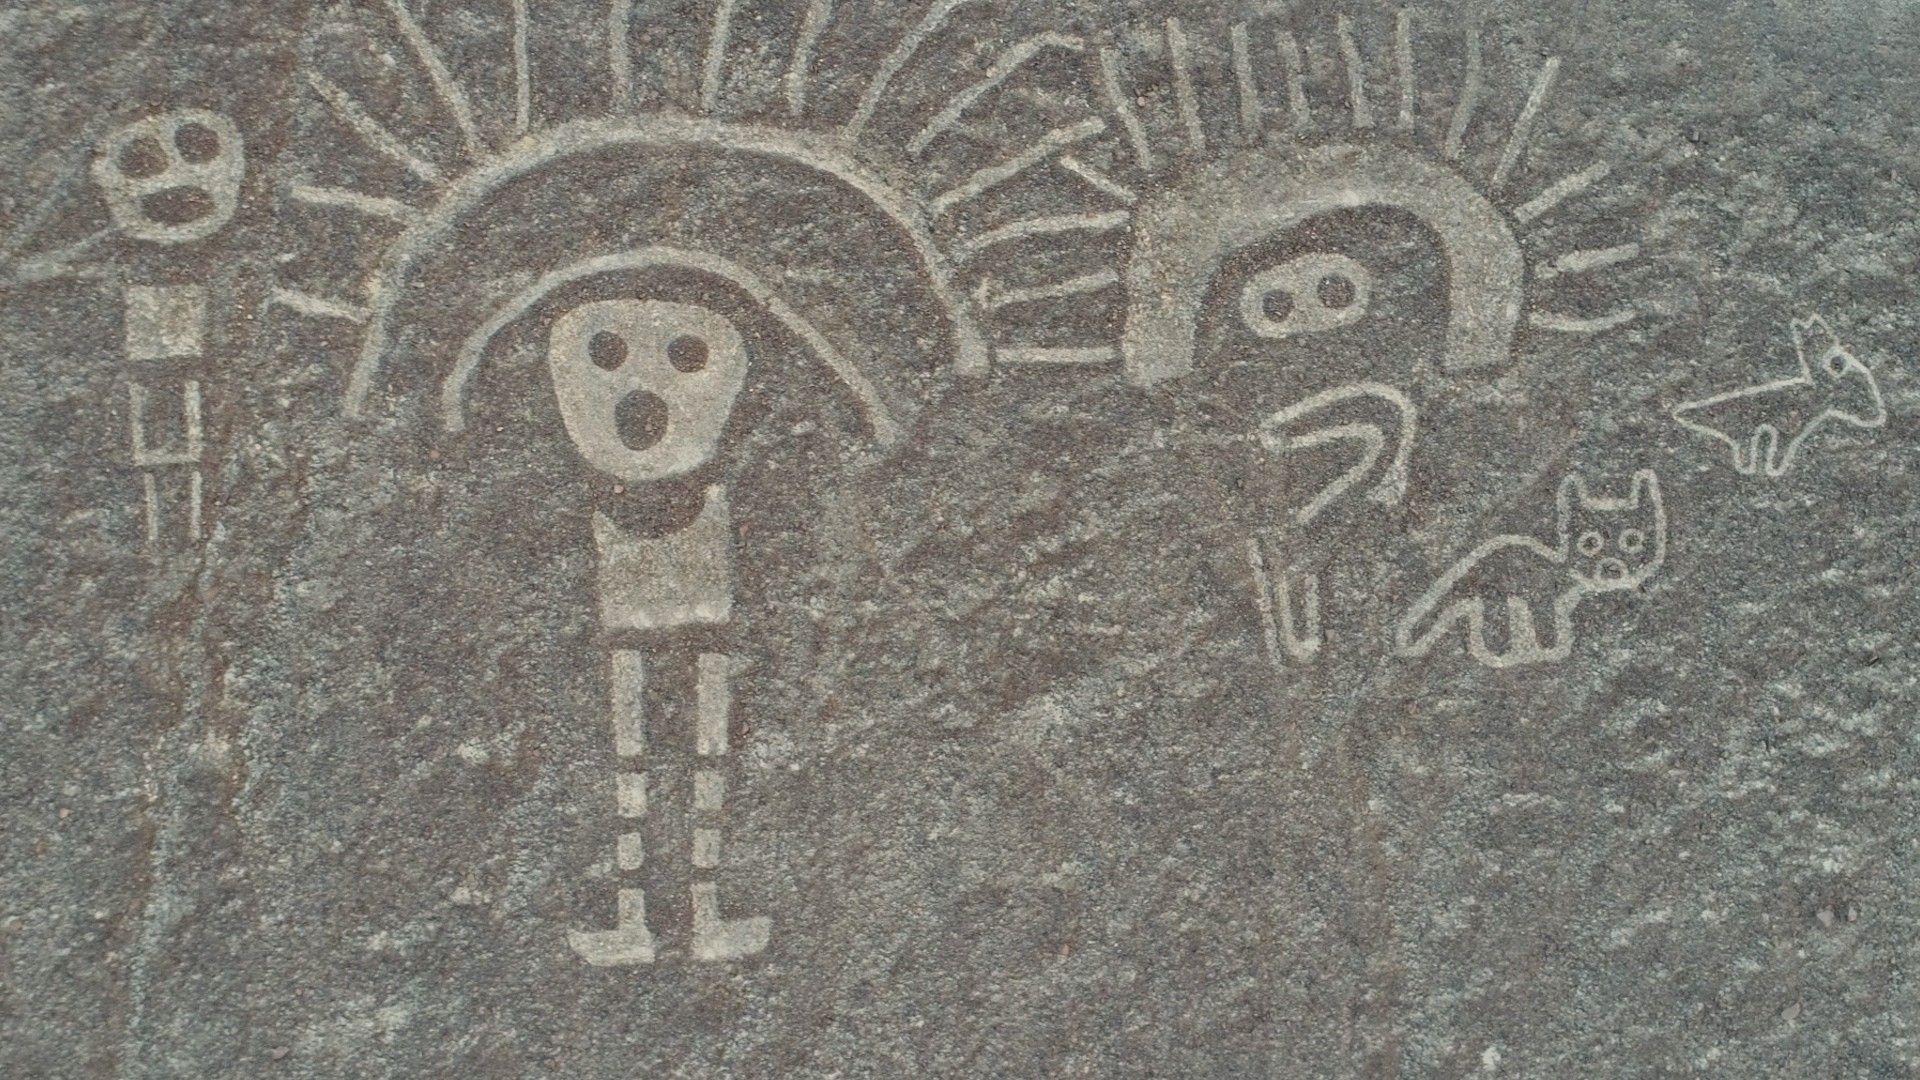 Exclusivo: desenhos gigantes, como as linhas de Nazca, são encontrados no Peru | National Geographic